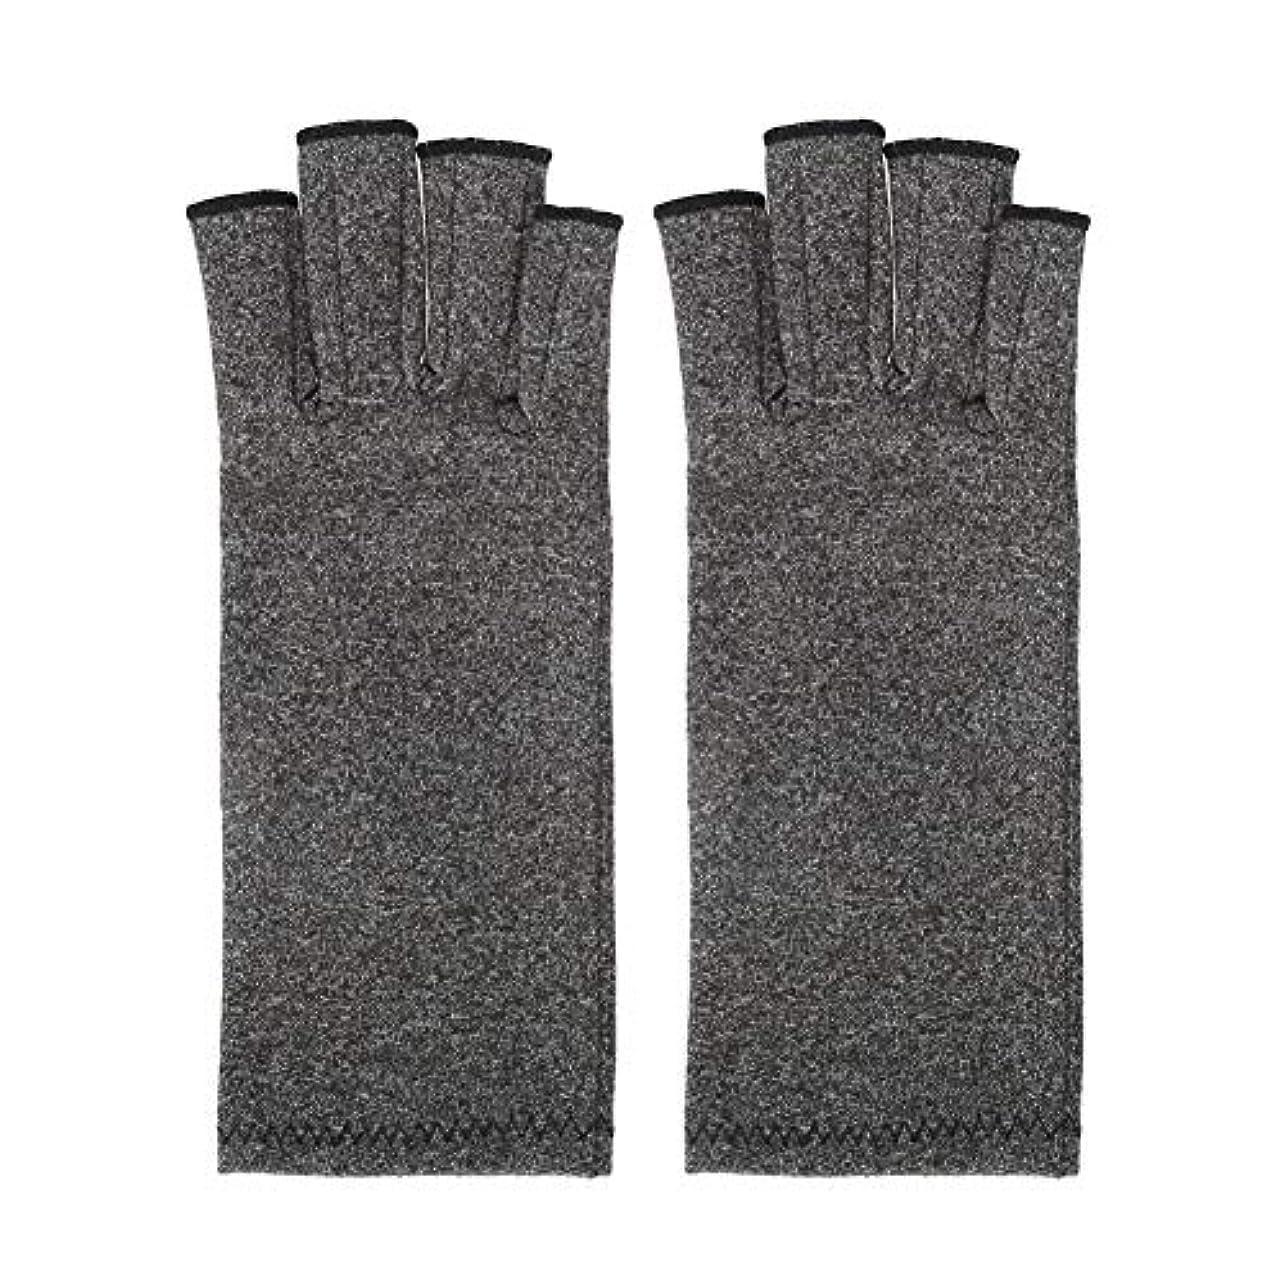 マトンクール建物抗関節炎手袋抗関節炎ヘルスケアリハビリテーショントレーニング手袋圧縮療法リウマチ性疼痛